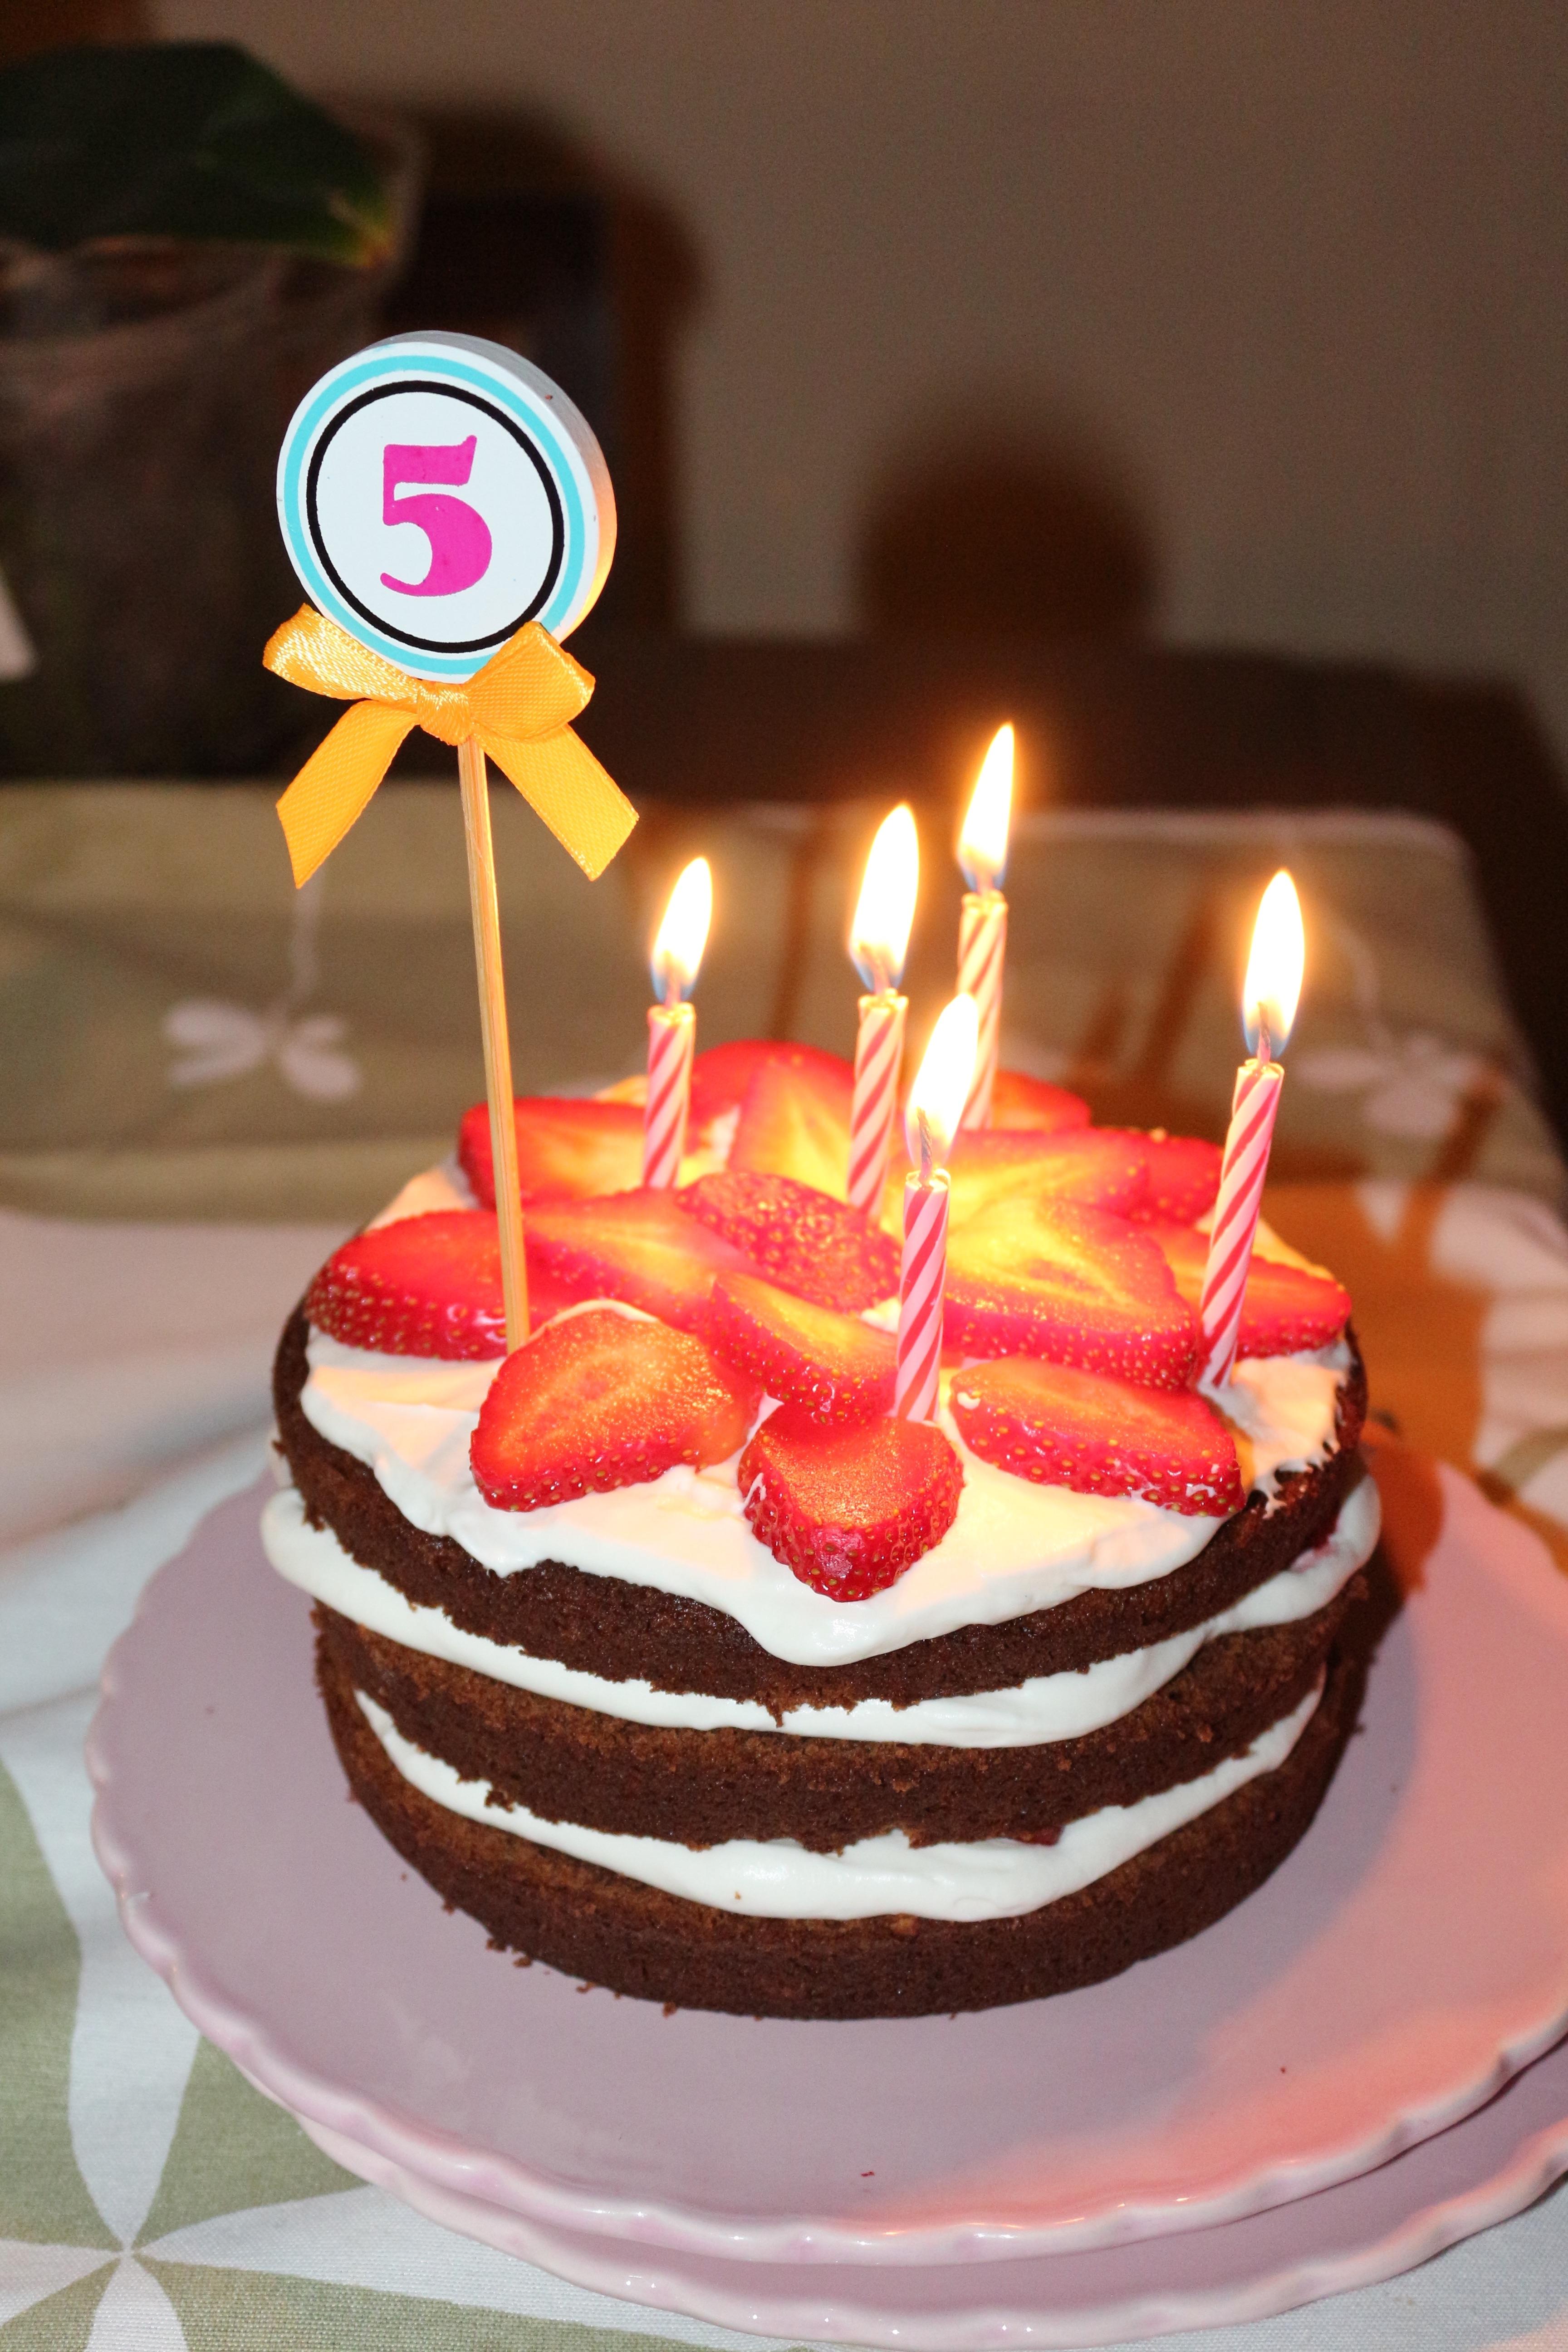 Super Images Gratuites : aliments, dessert, gâteau d'anniversaire  TQ19